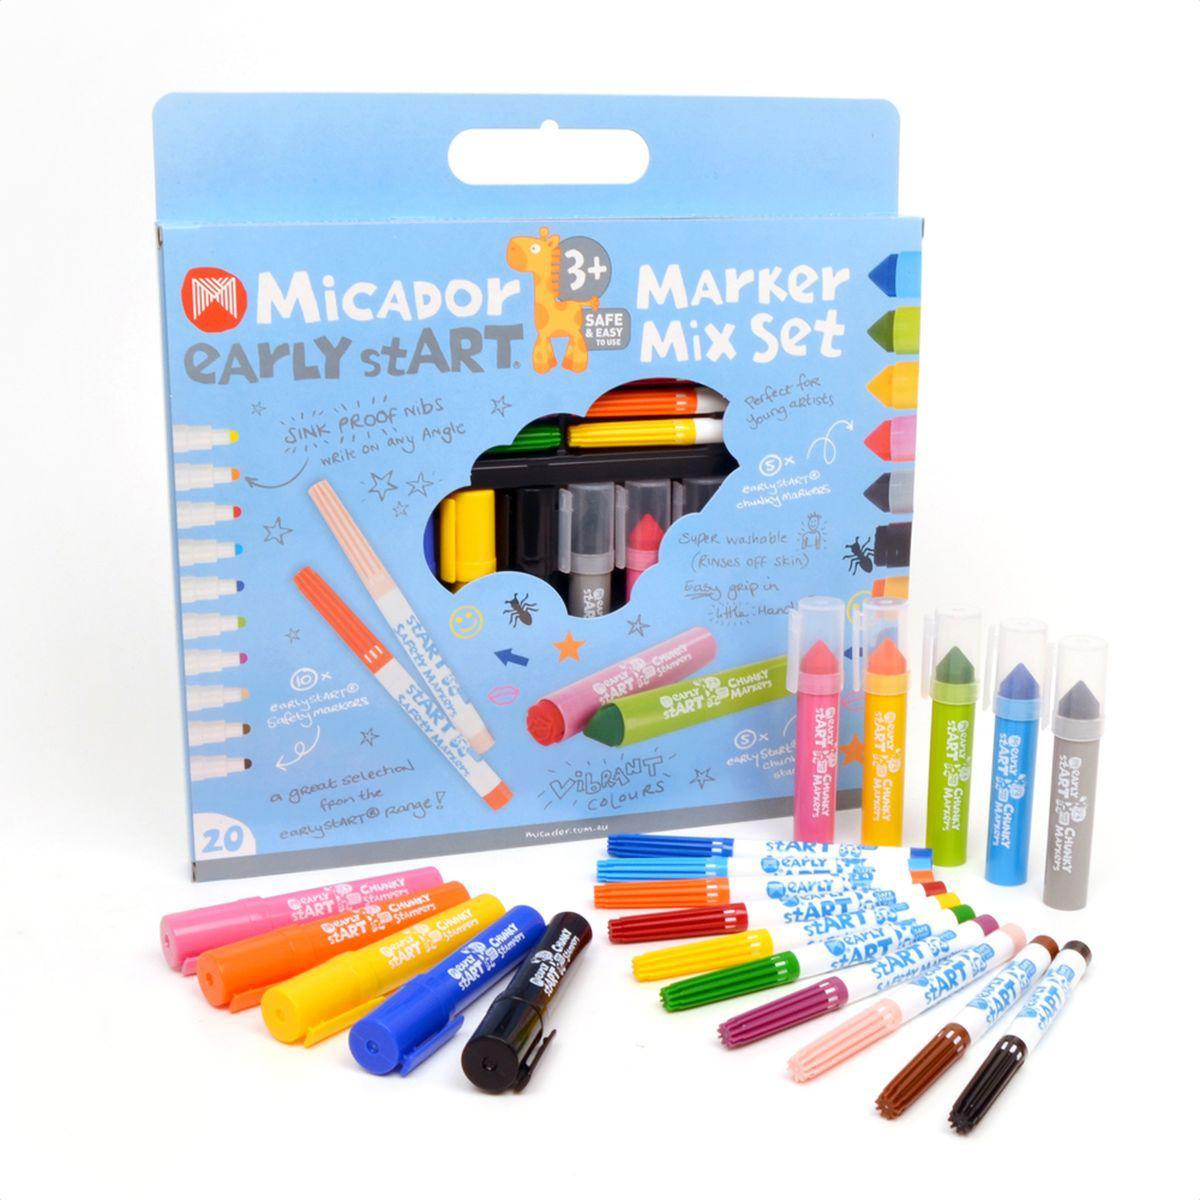 Micador Набор фломастеров и штампиков для малышей 10 предметов